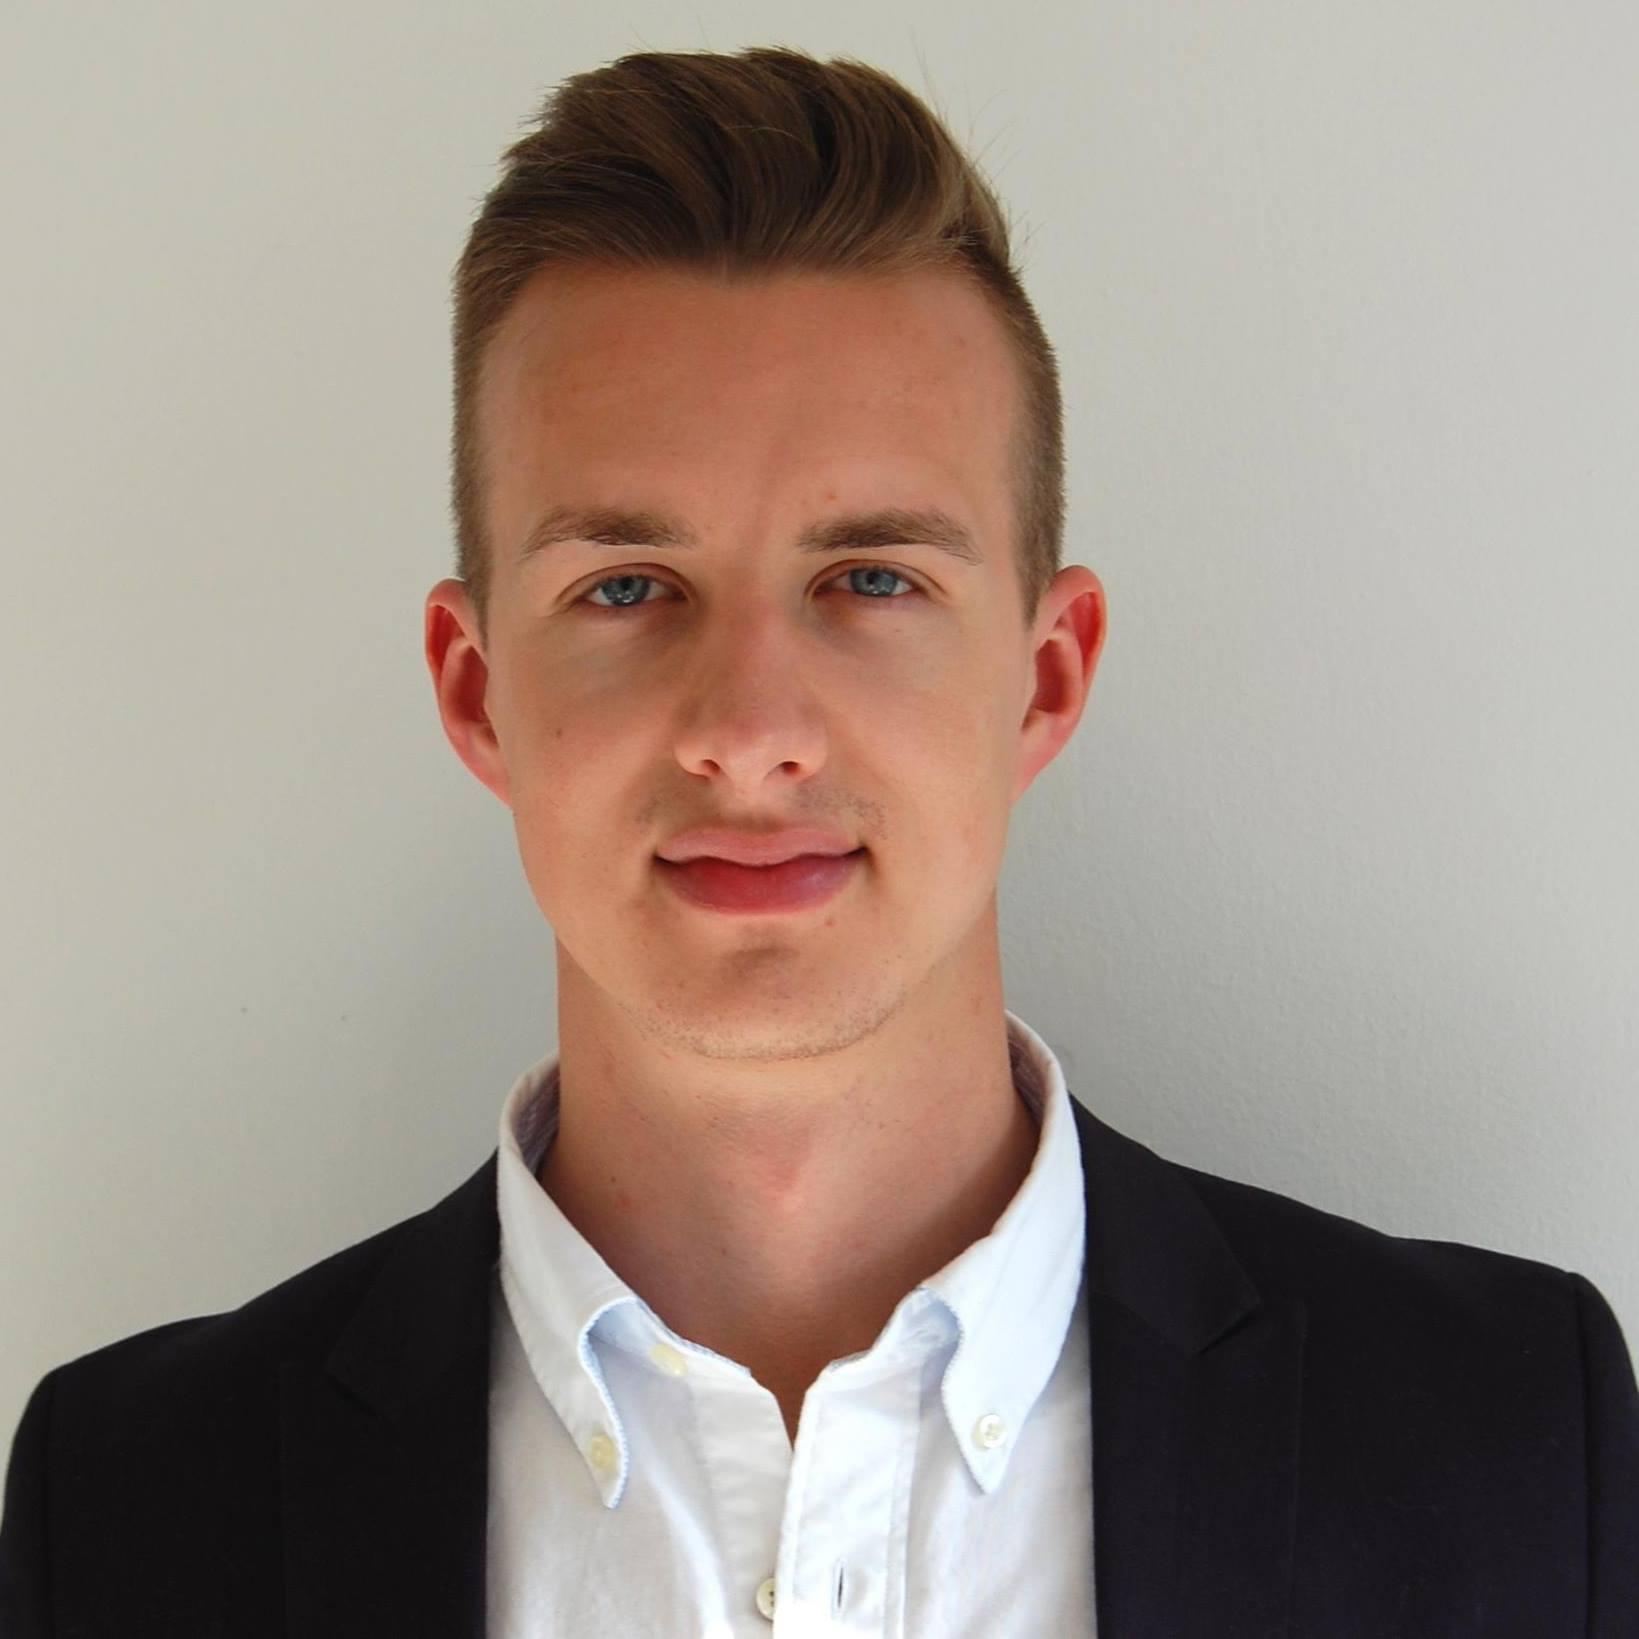 Lukas Leander   Lukas is an ICT Engineer working as a sales engineer at Nok9.   lukas.leander@openhack.io